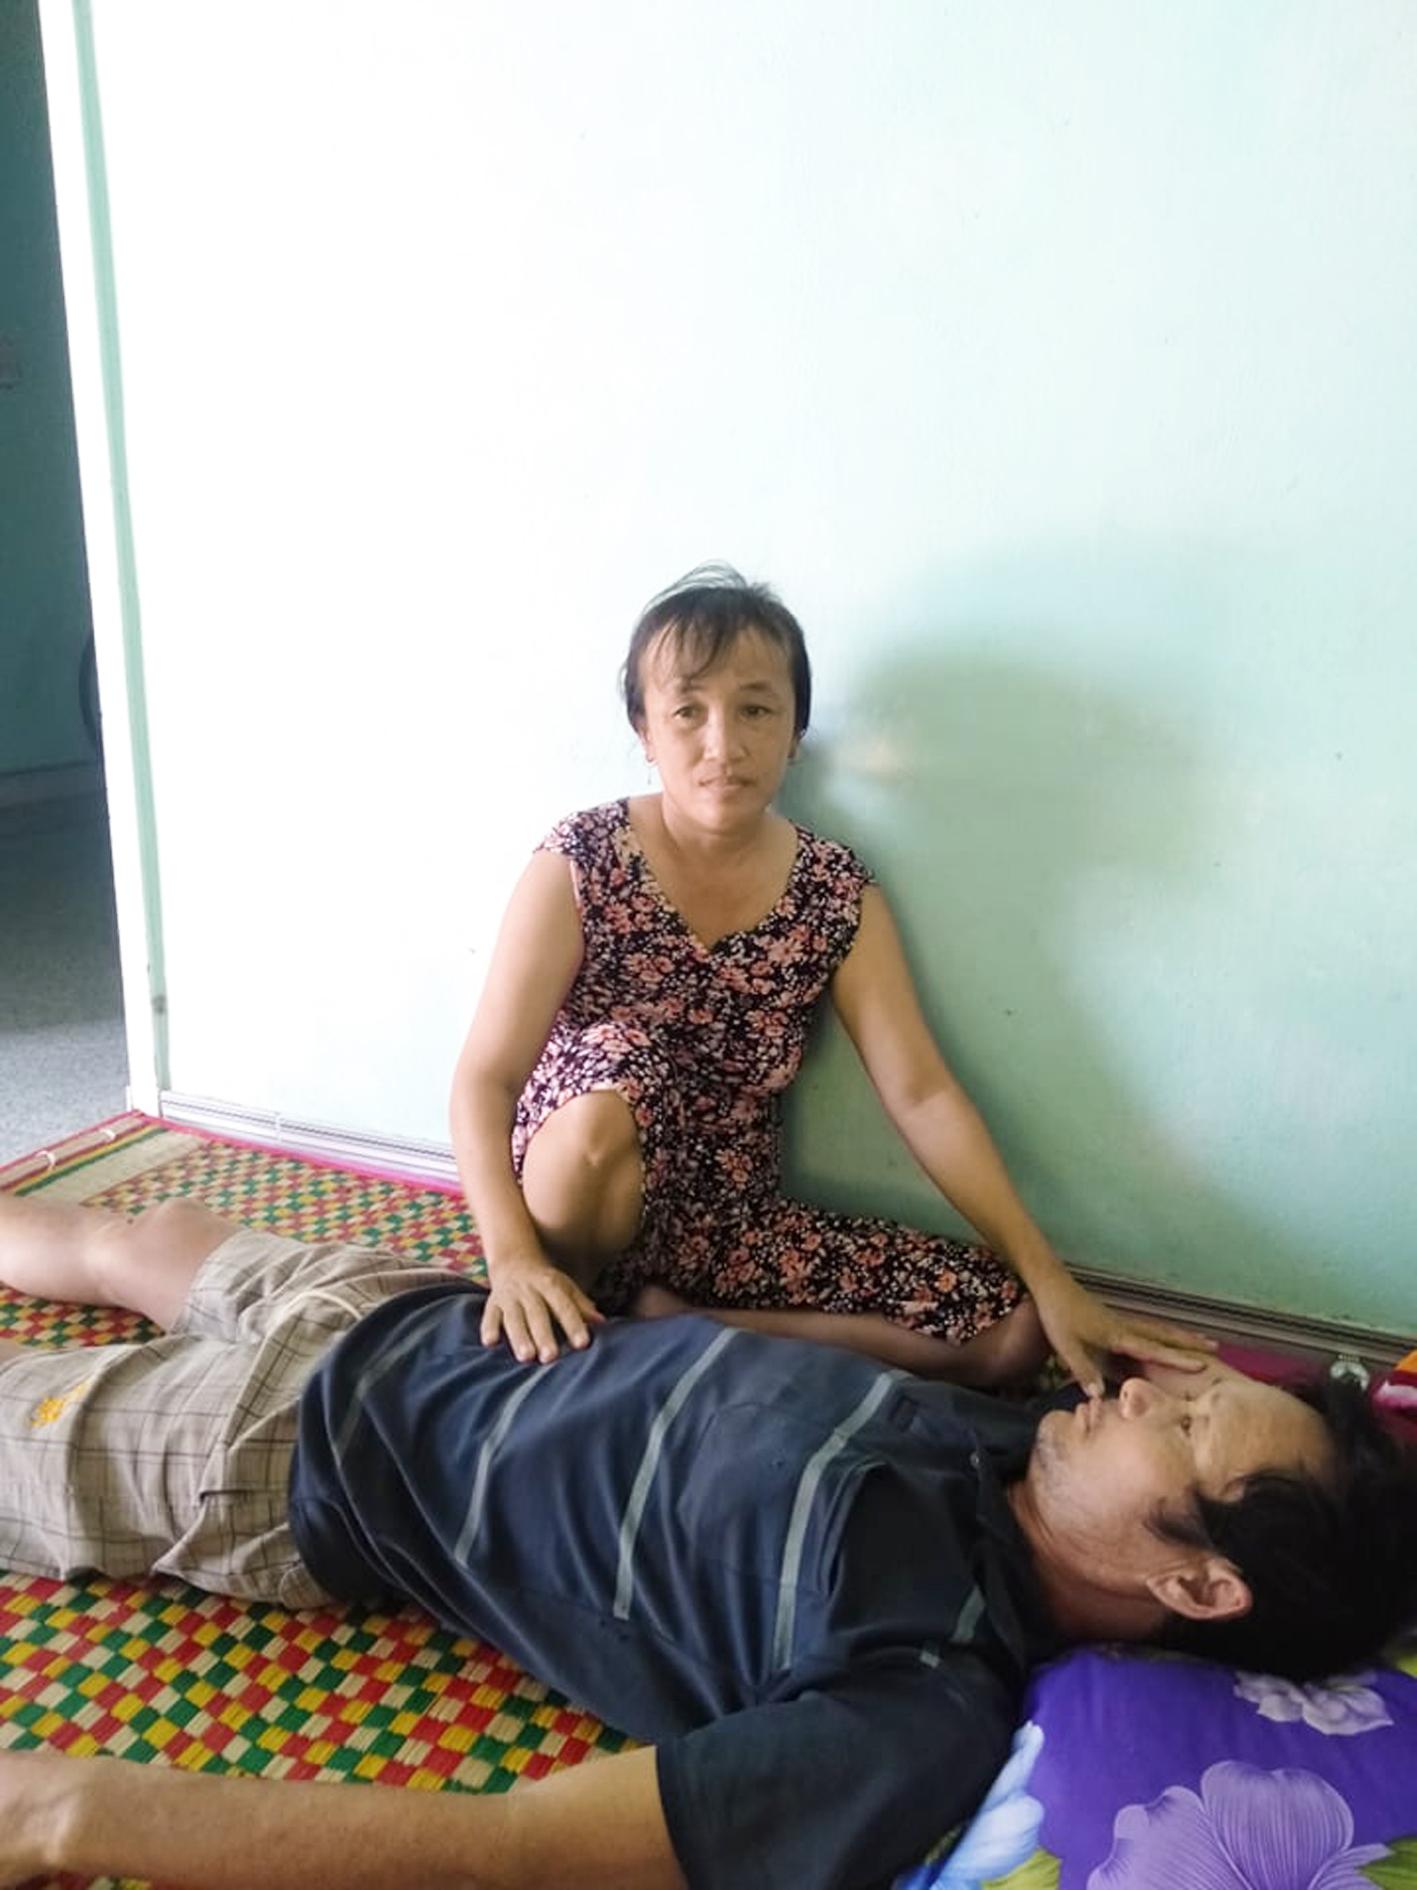 Ngoài việc đồng áng,  chị Dư còn dành thời gian chăm sóc chồng